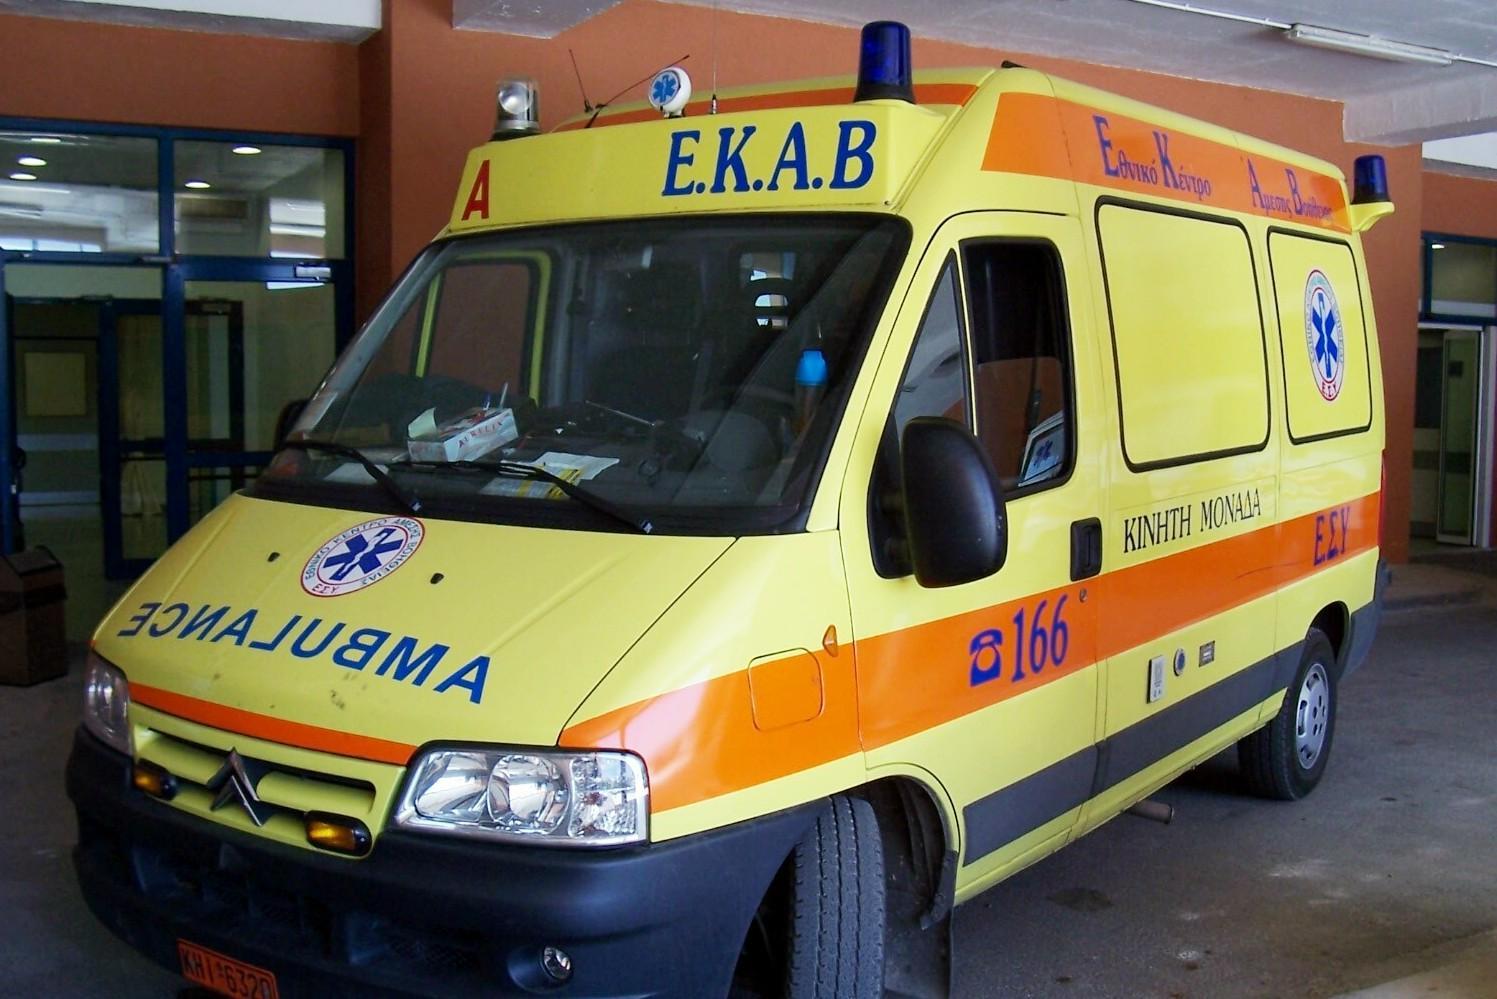 ekab-3